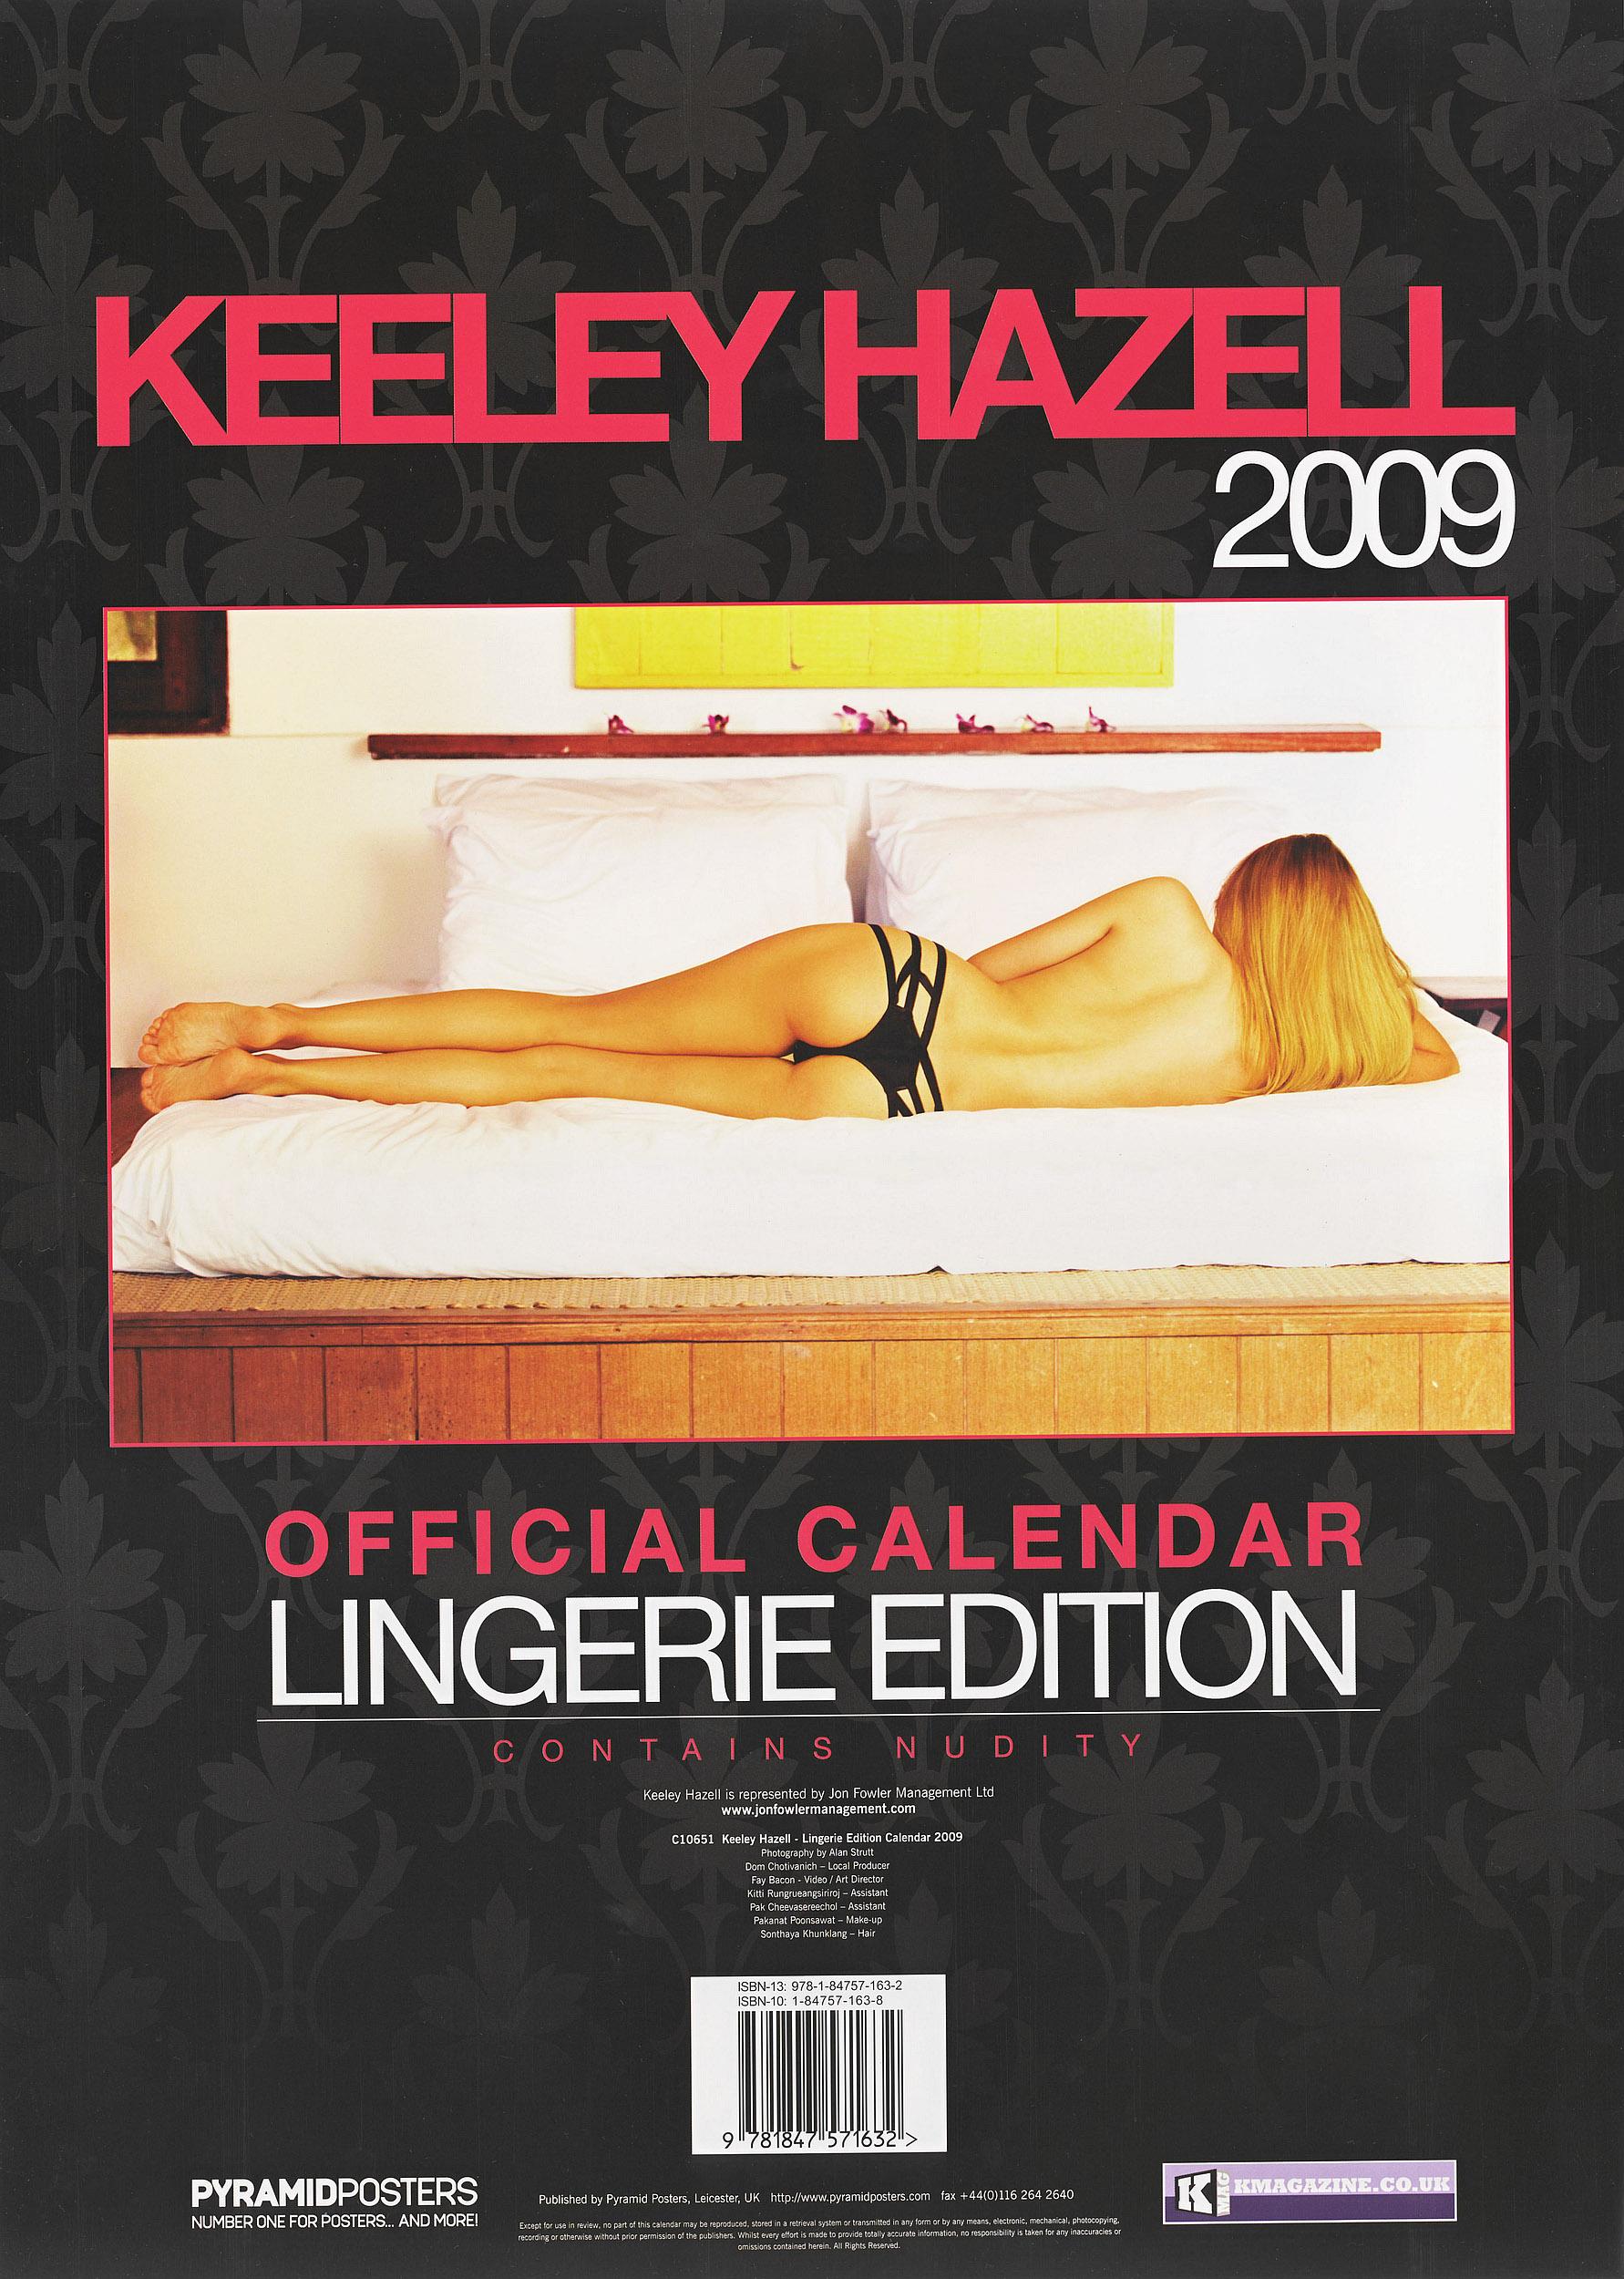 keeley-hazell-13-back